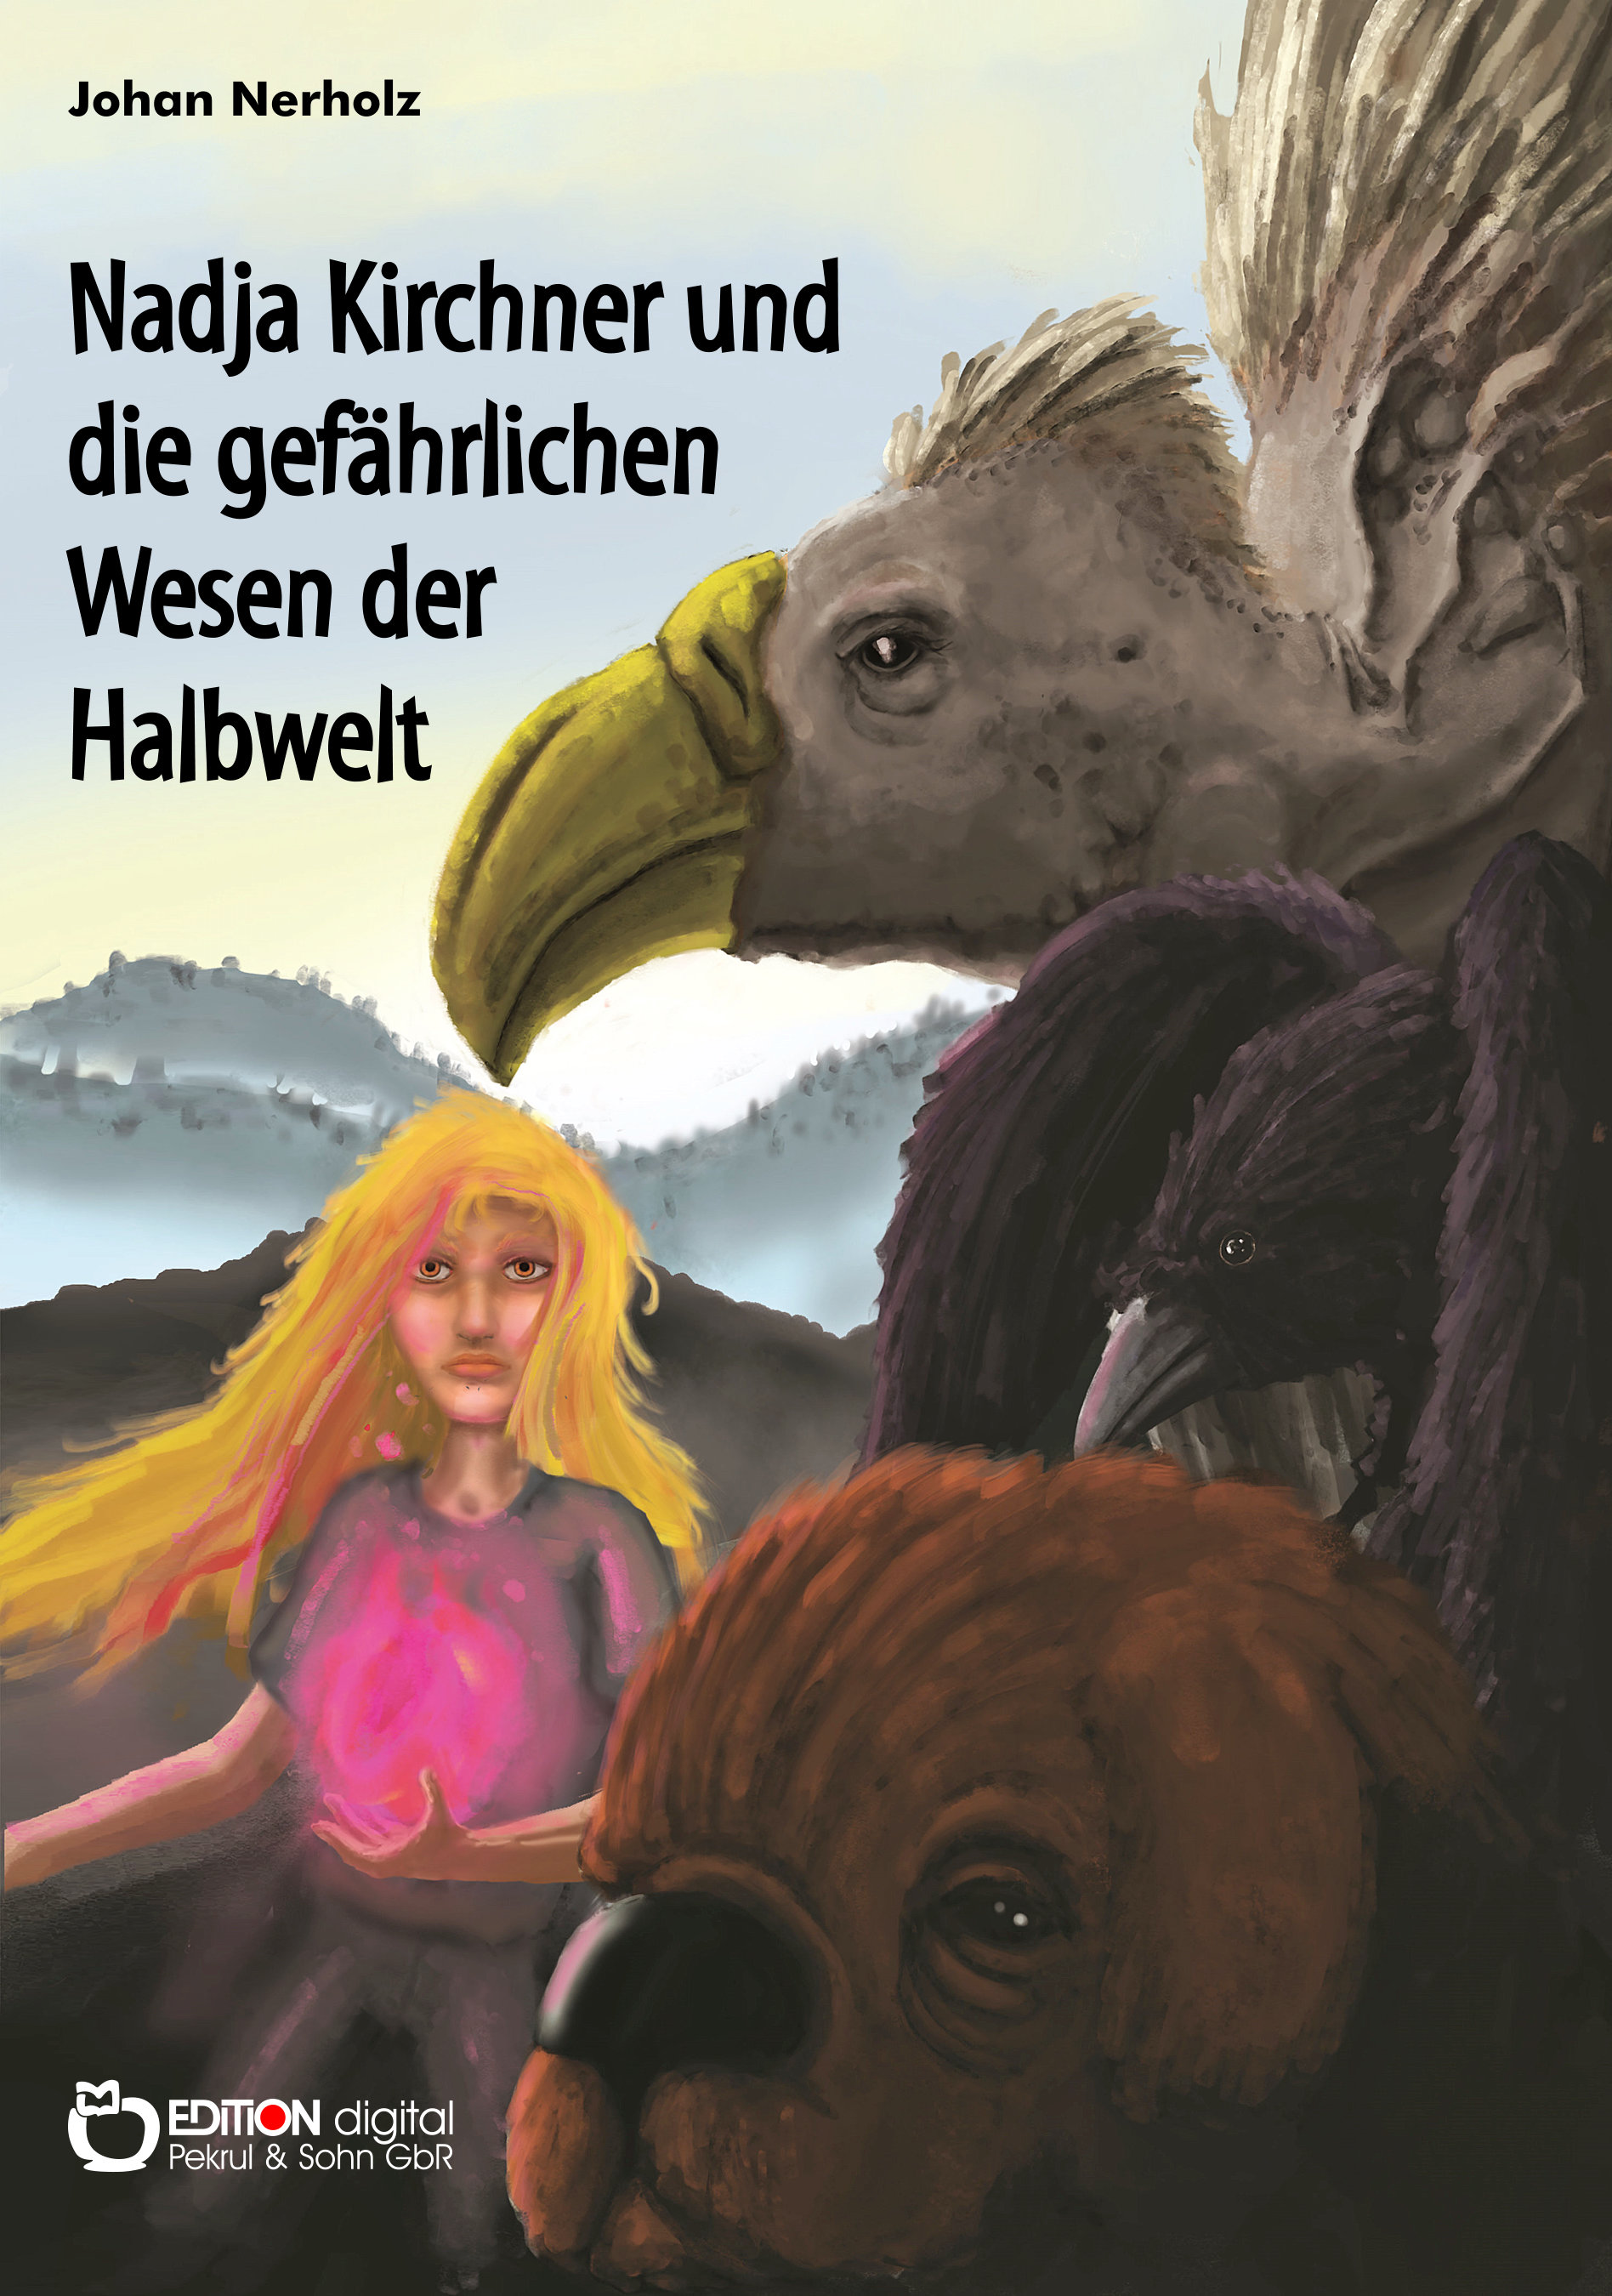 Nadja Kirchner und die gefährlichen Wesen der Halbwelt. Teil 2 der Nadja-Kirchner-Fantasy-Reihe von Johan Nerholz